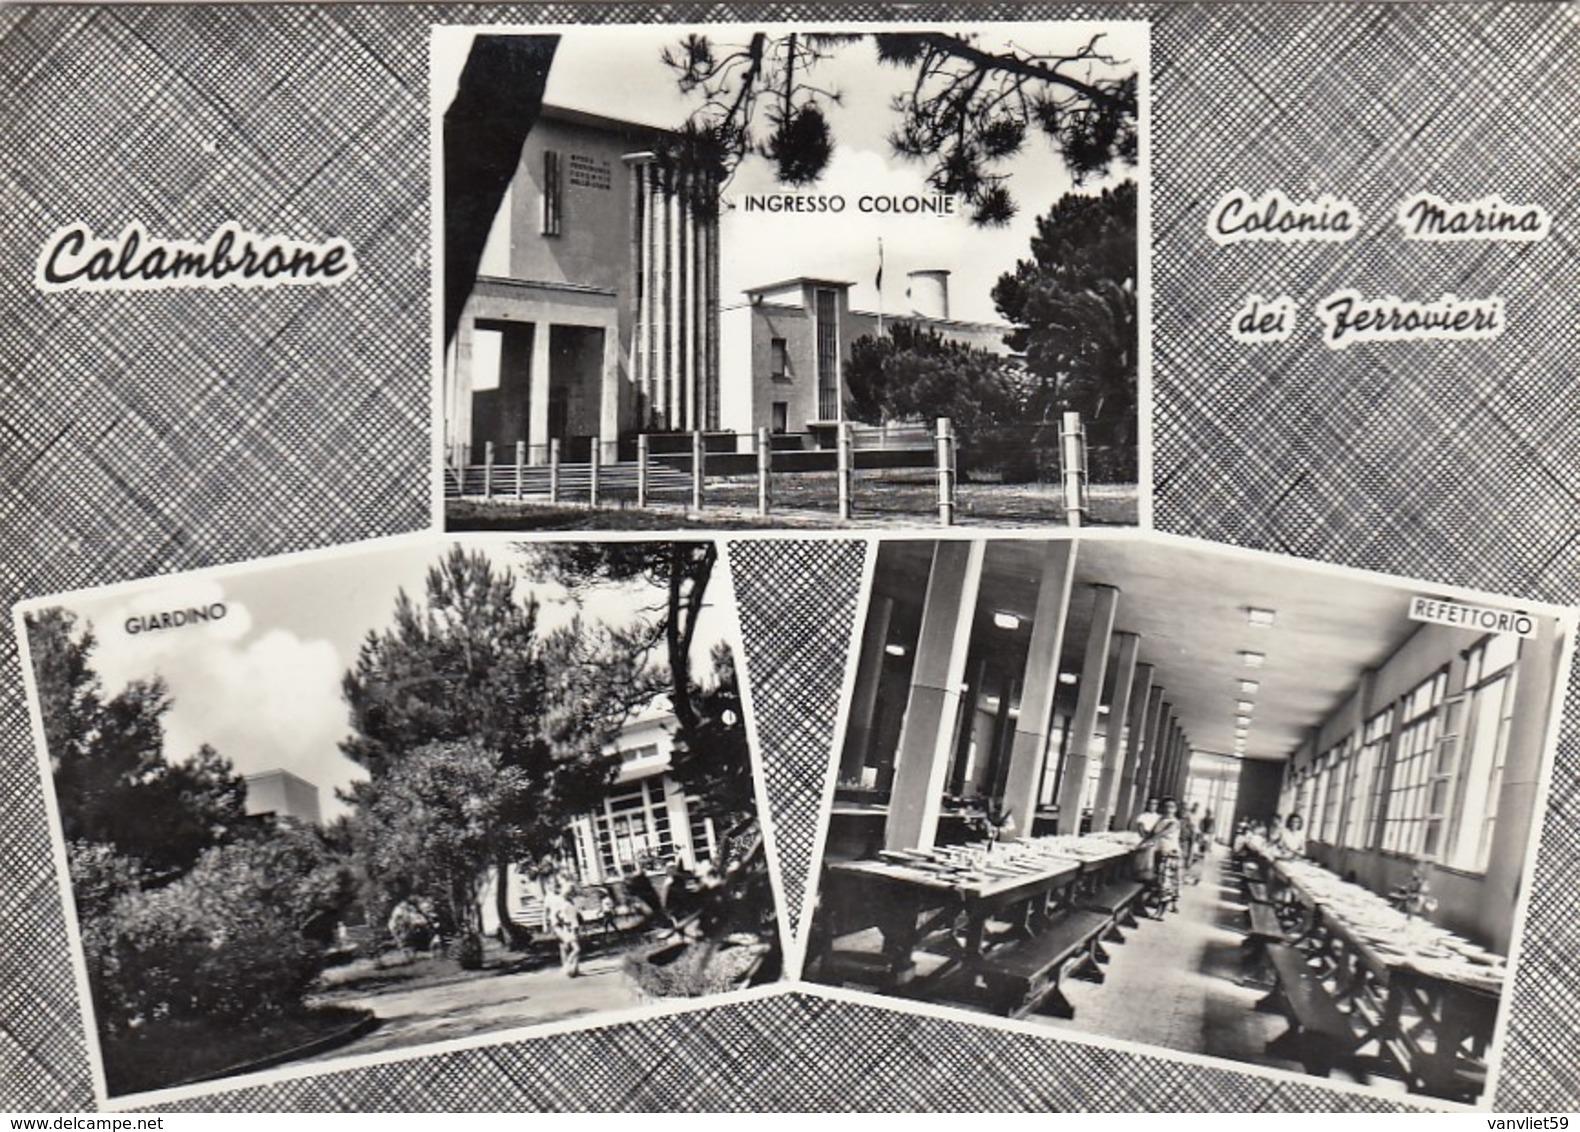 CALAMBRONE-PISA-COLONIA MARINA DEI FERROVIERI-CARTOLINA VERA FOTOGRAFIA-VIAGGIATA IL 2-7-1960 - Pisa